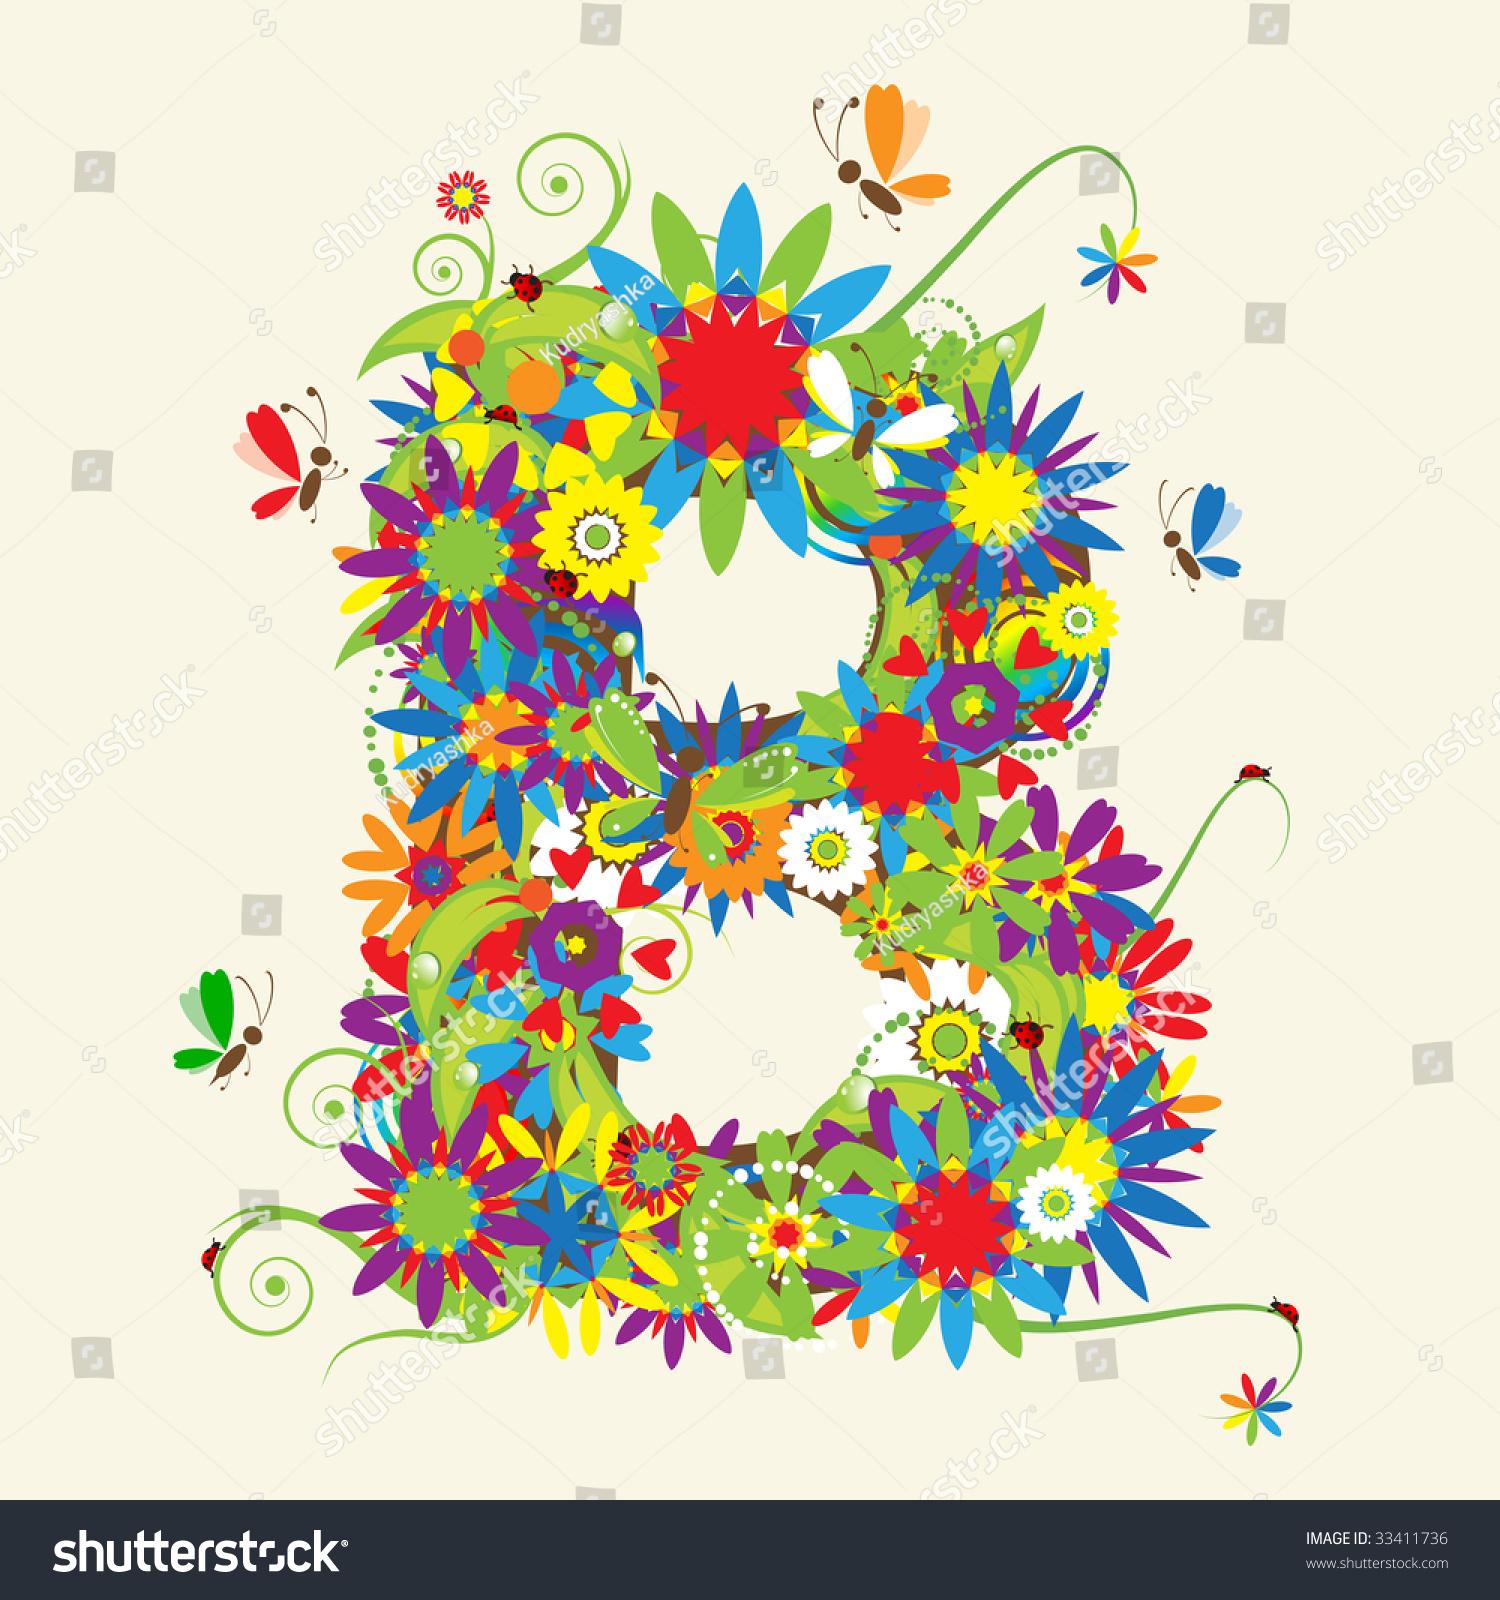 letter b floral design see letters stock vector 33411736. Black Bedroom Furniture Sets. Home Design Ideas